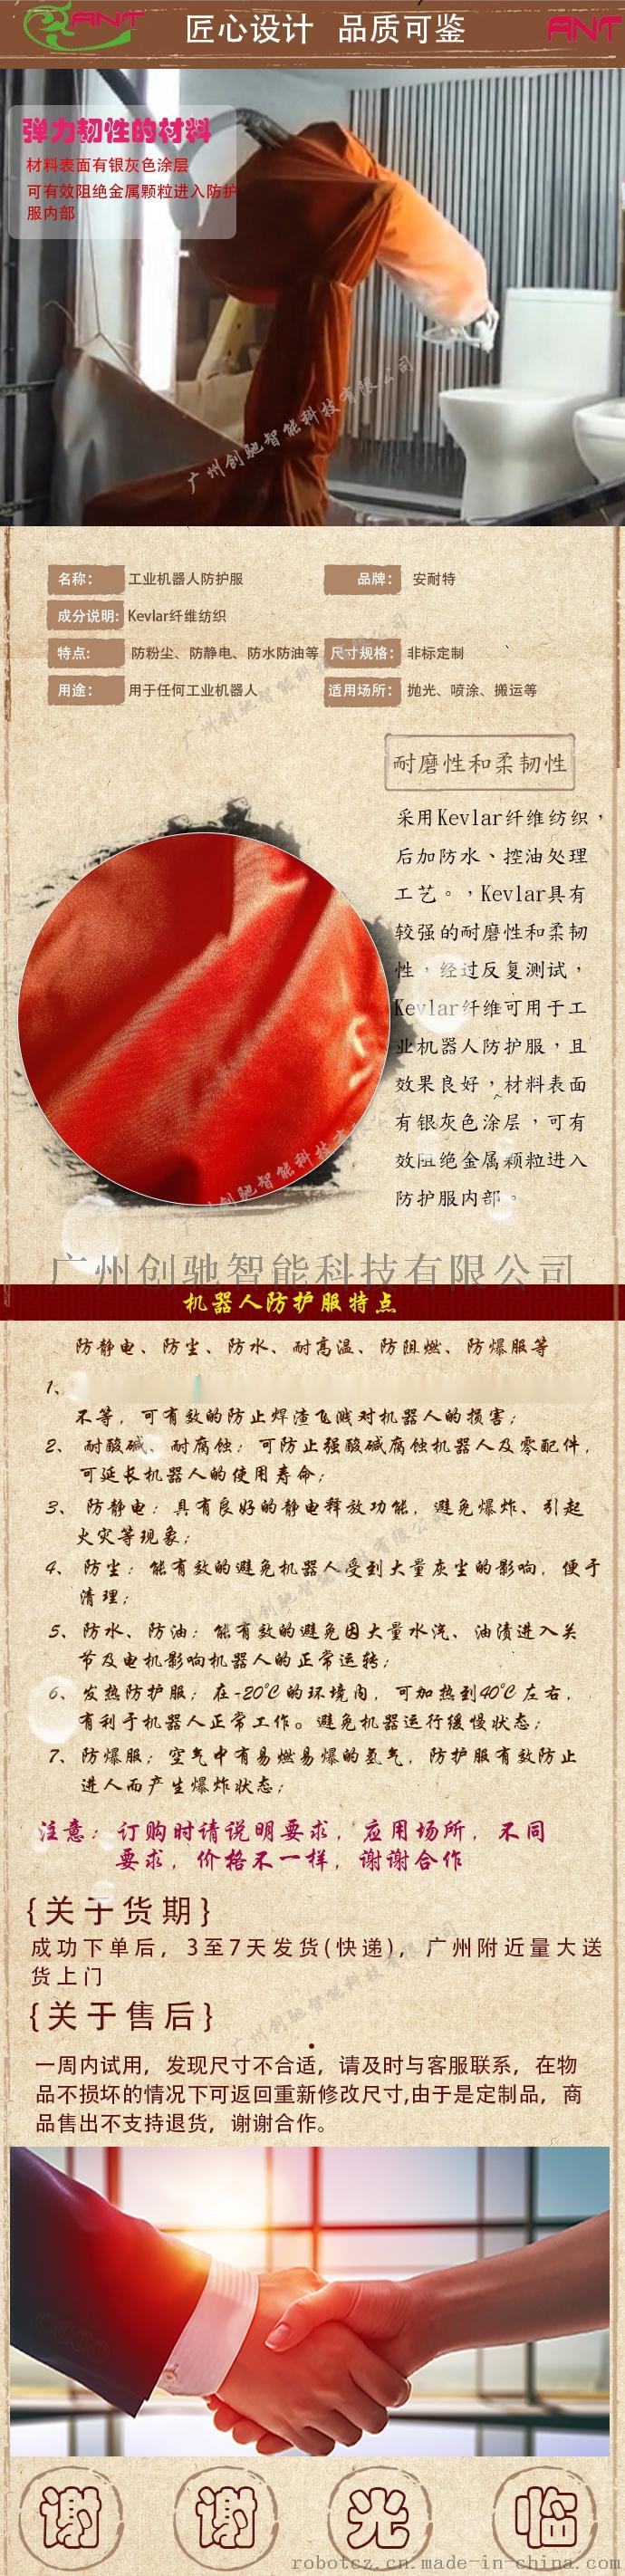 产品信息2